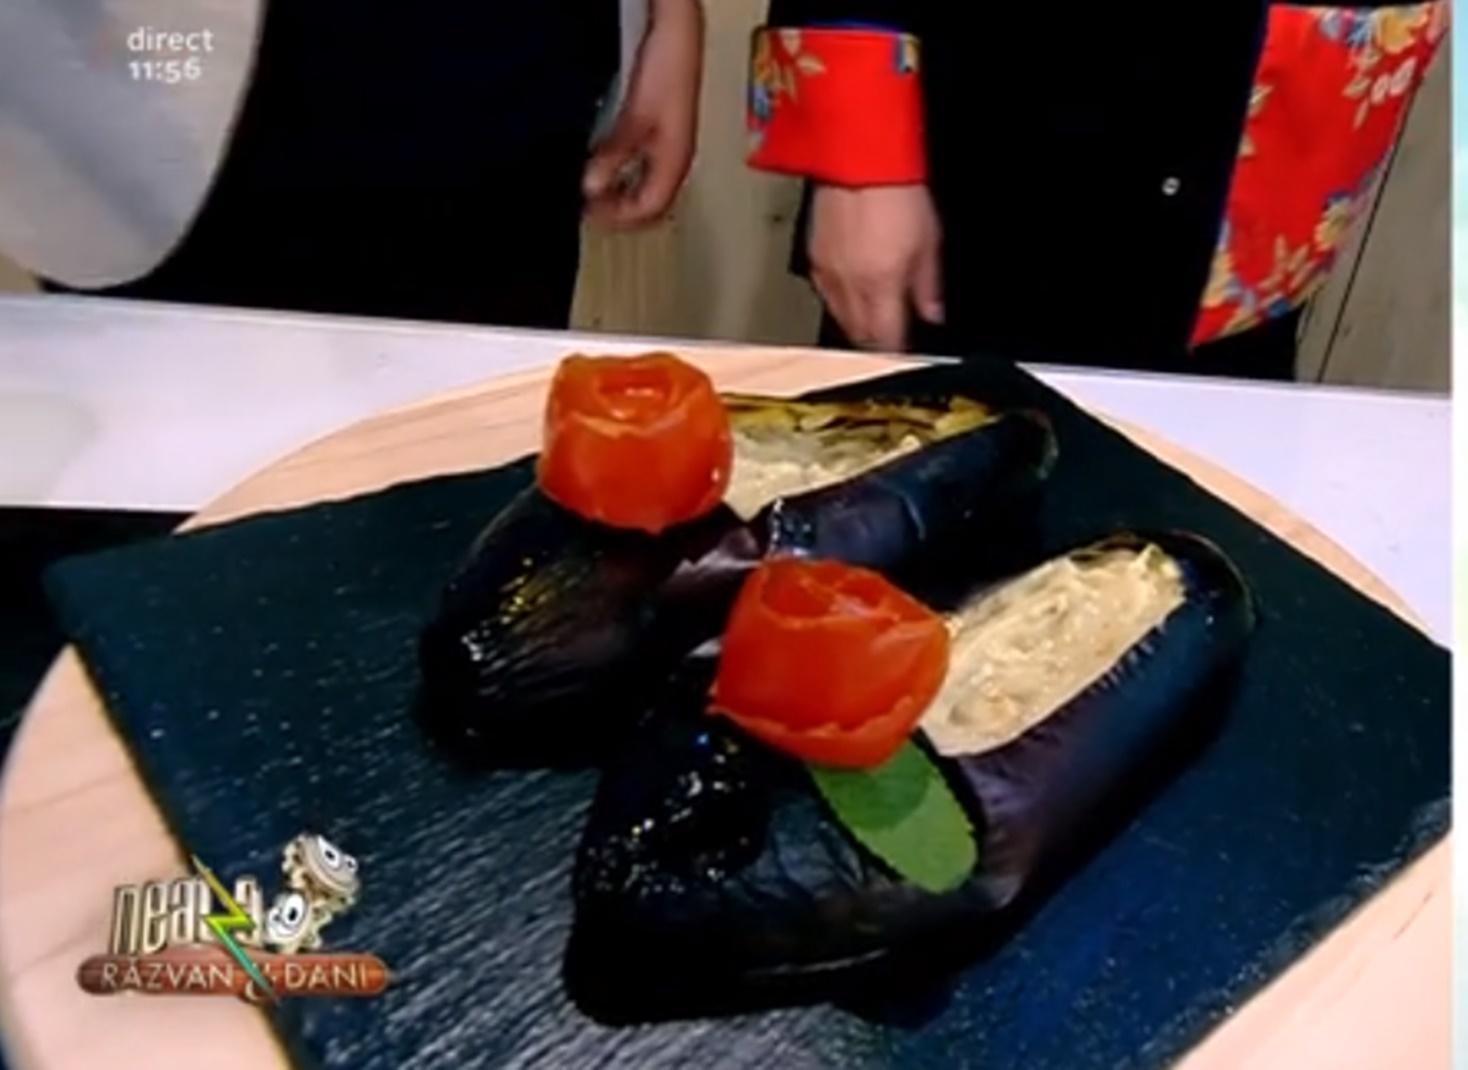 Salată de vinete cu dovlecei și iaurt sub formă de balerini - Rețeta lui Vlăduț